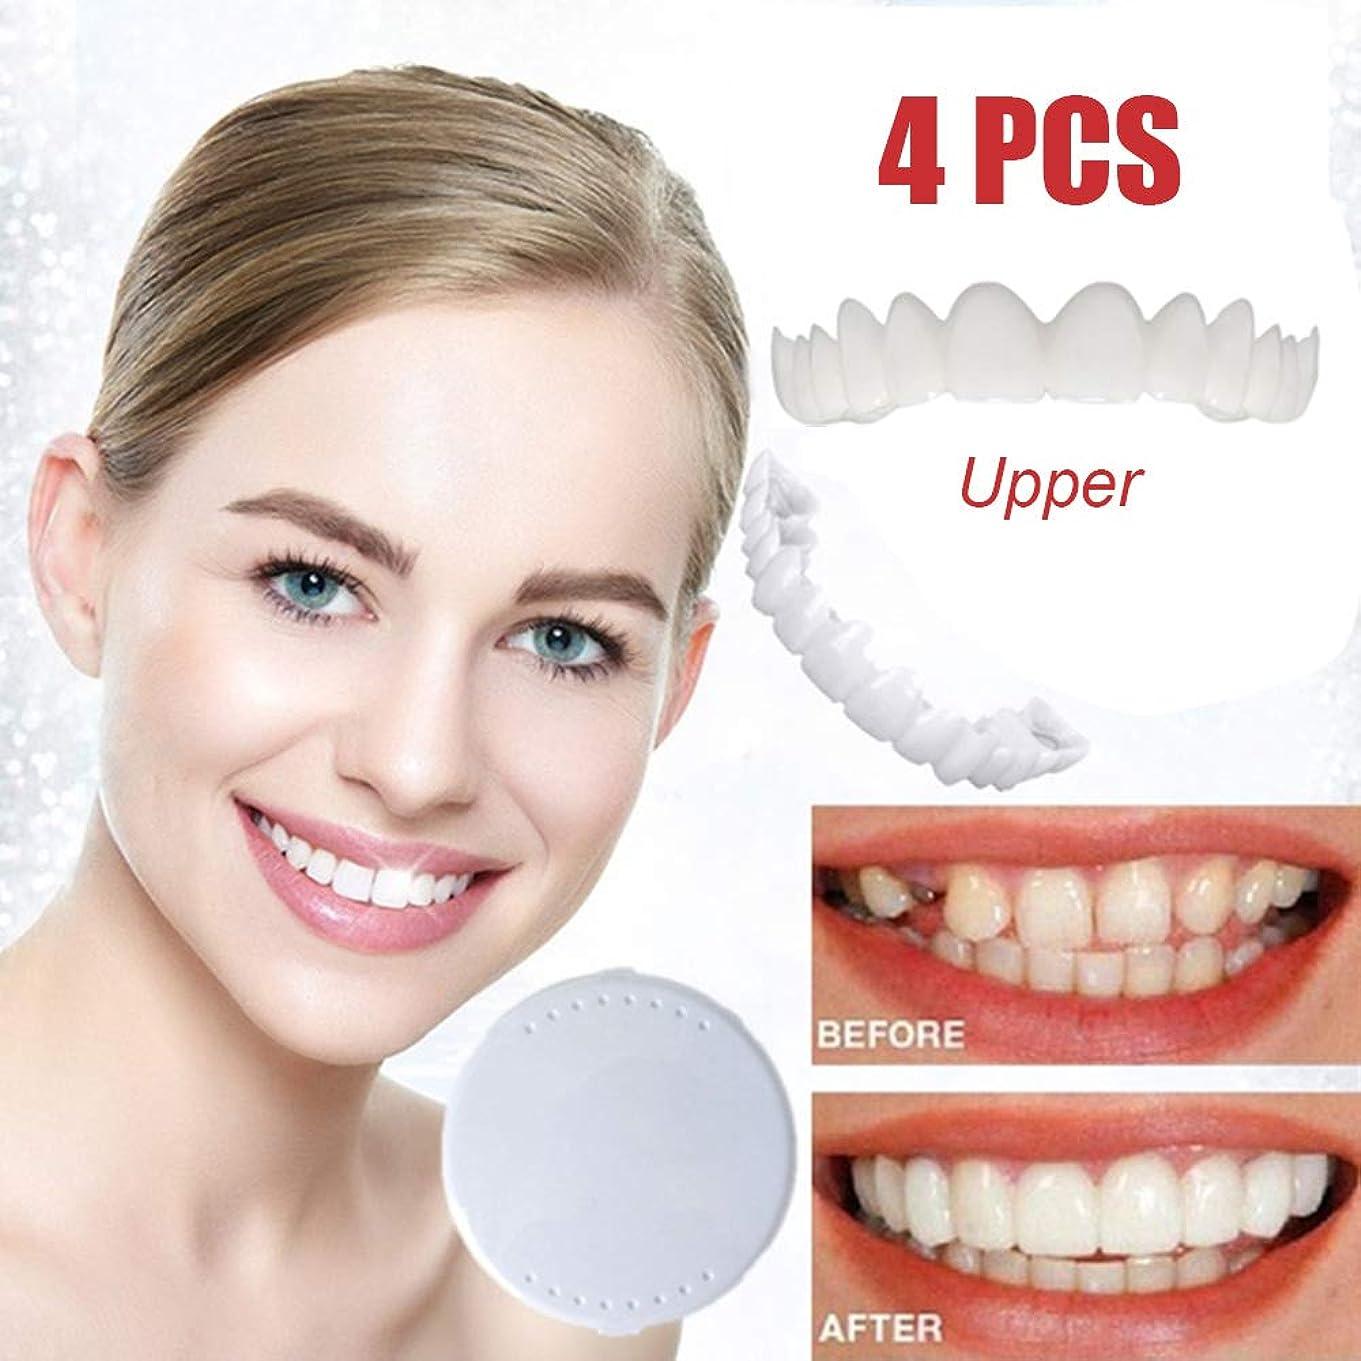 任命海嶺パワーセル4ピース化粧品歯一時的な笑顔ホワイトニング歯インスタント快適な義歯上列柔軟な化粧突き板義歯ナチュラルスマイルオーラルケア